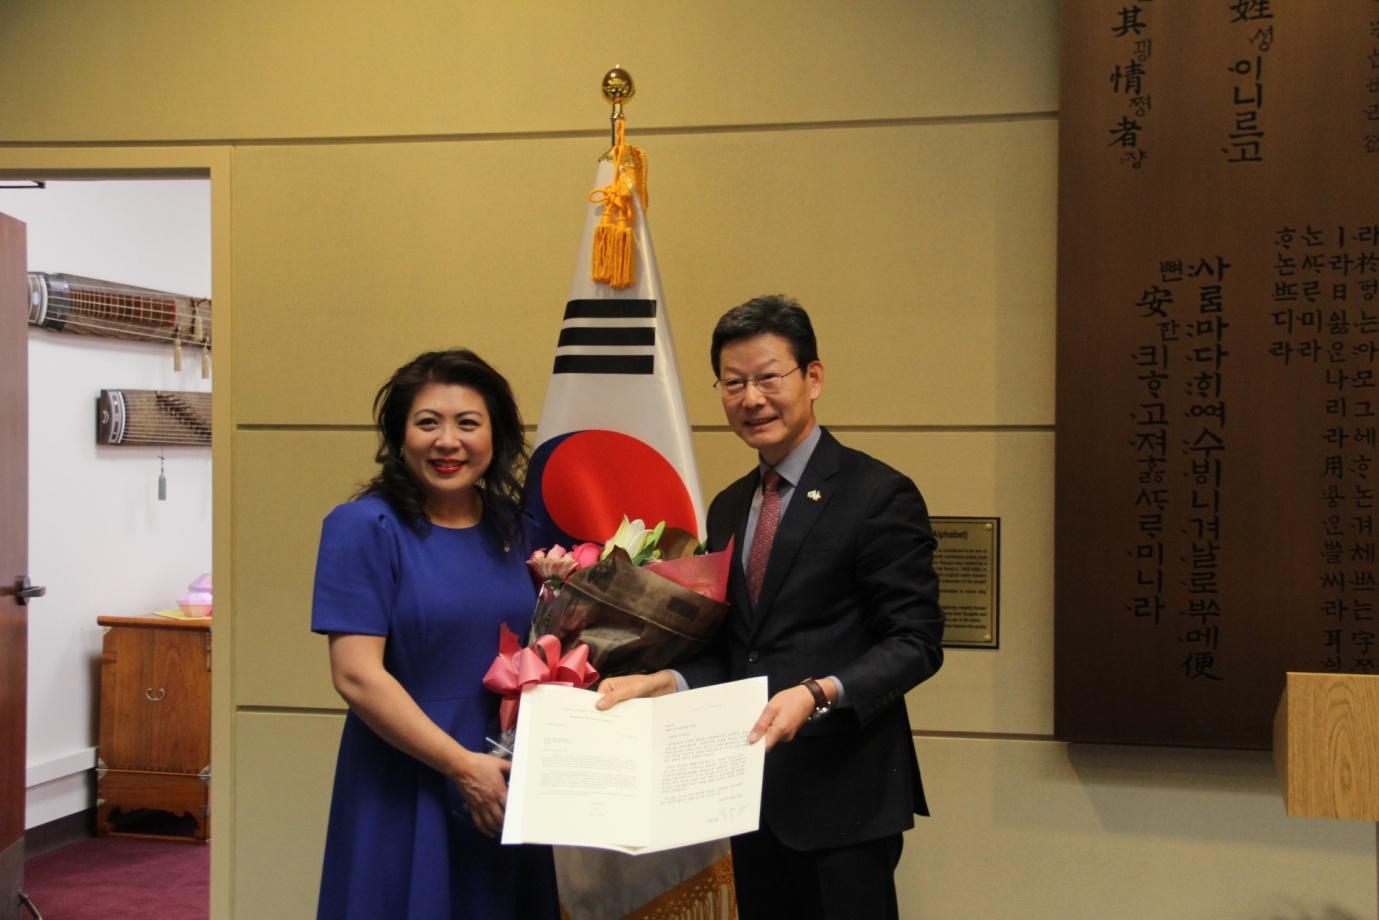 신맹호 대사, 넬리신 의원에게 대한민국 국회의장 및 외교장관 축하서한 전달.jpg